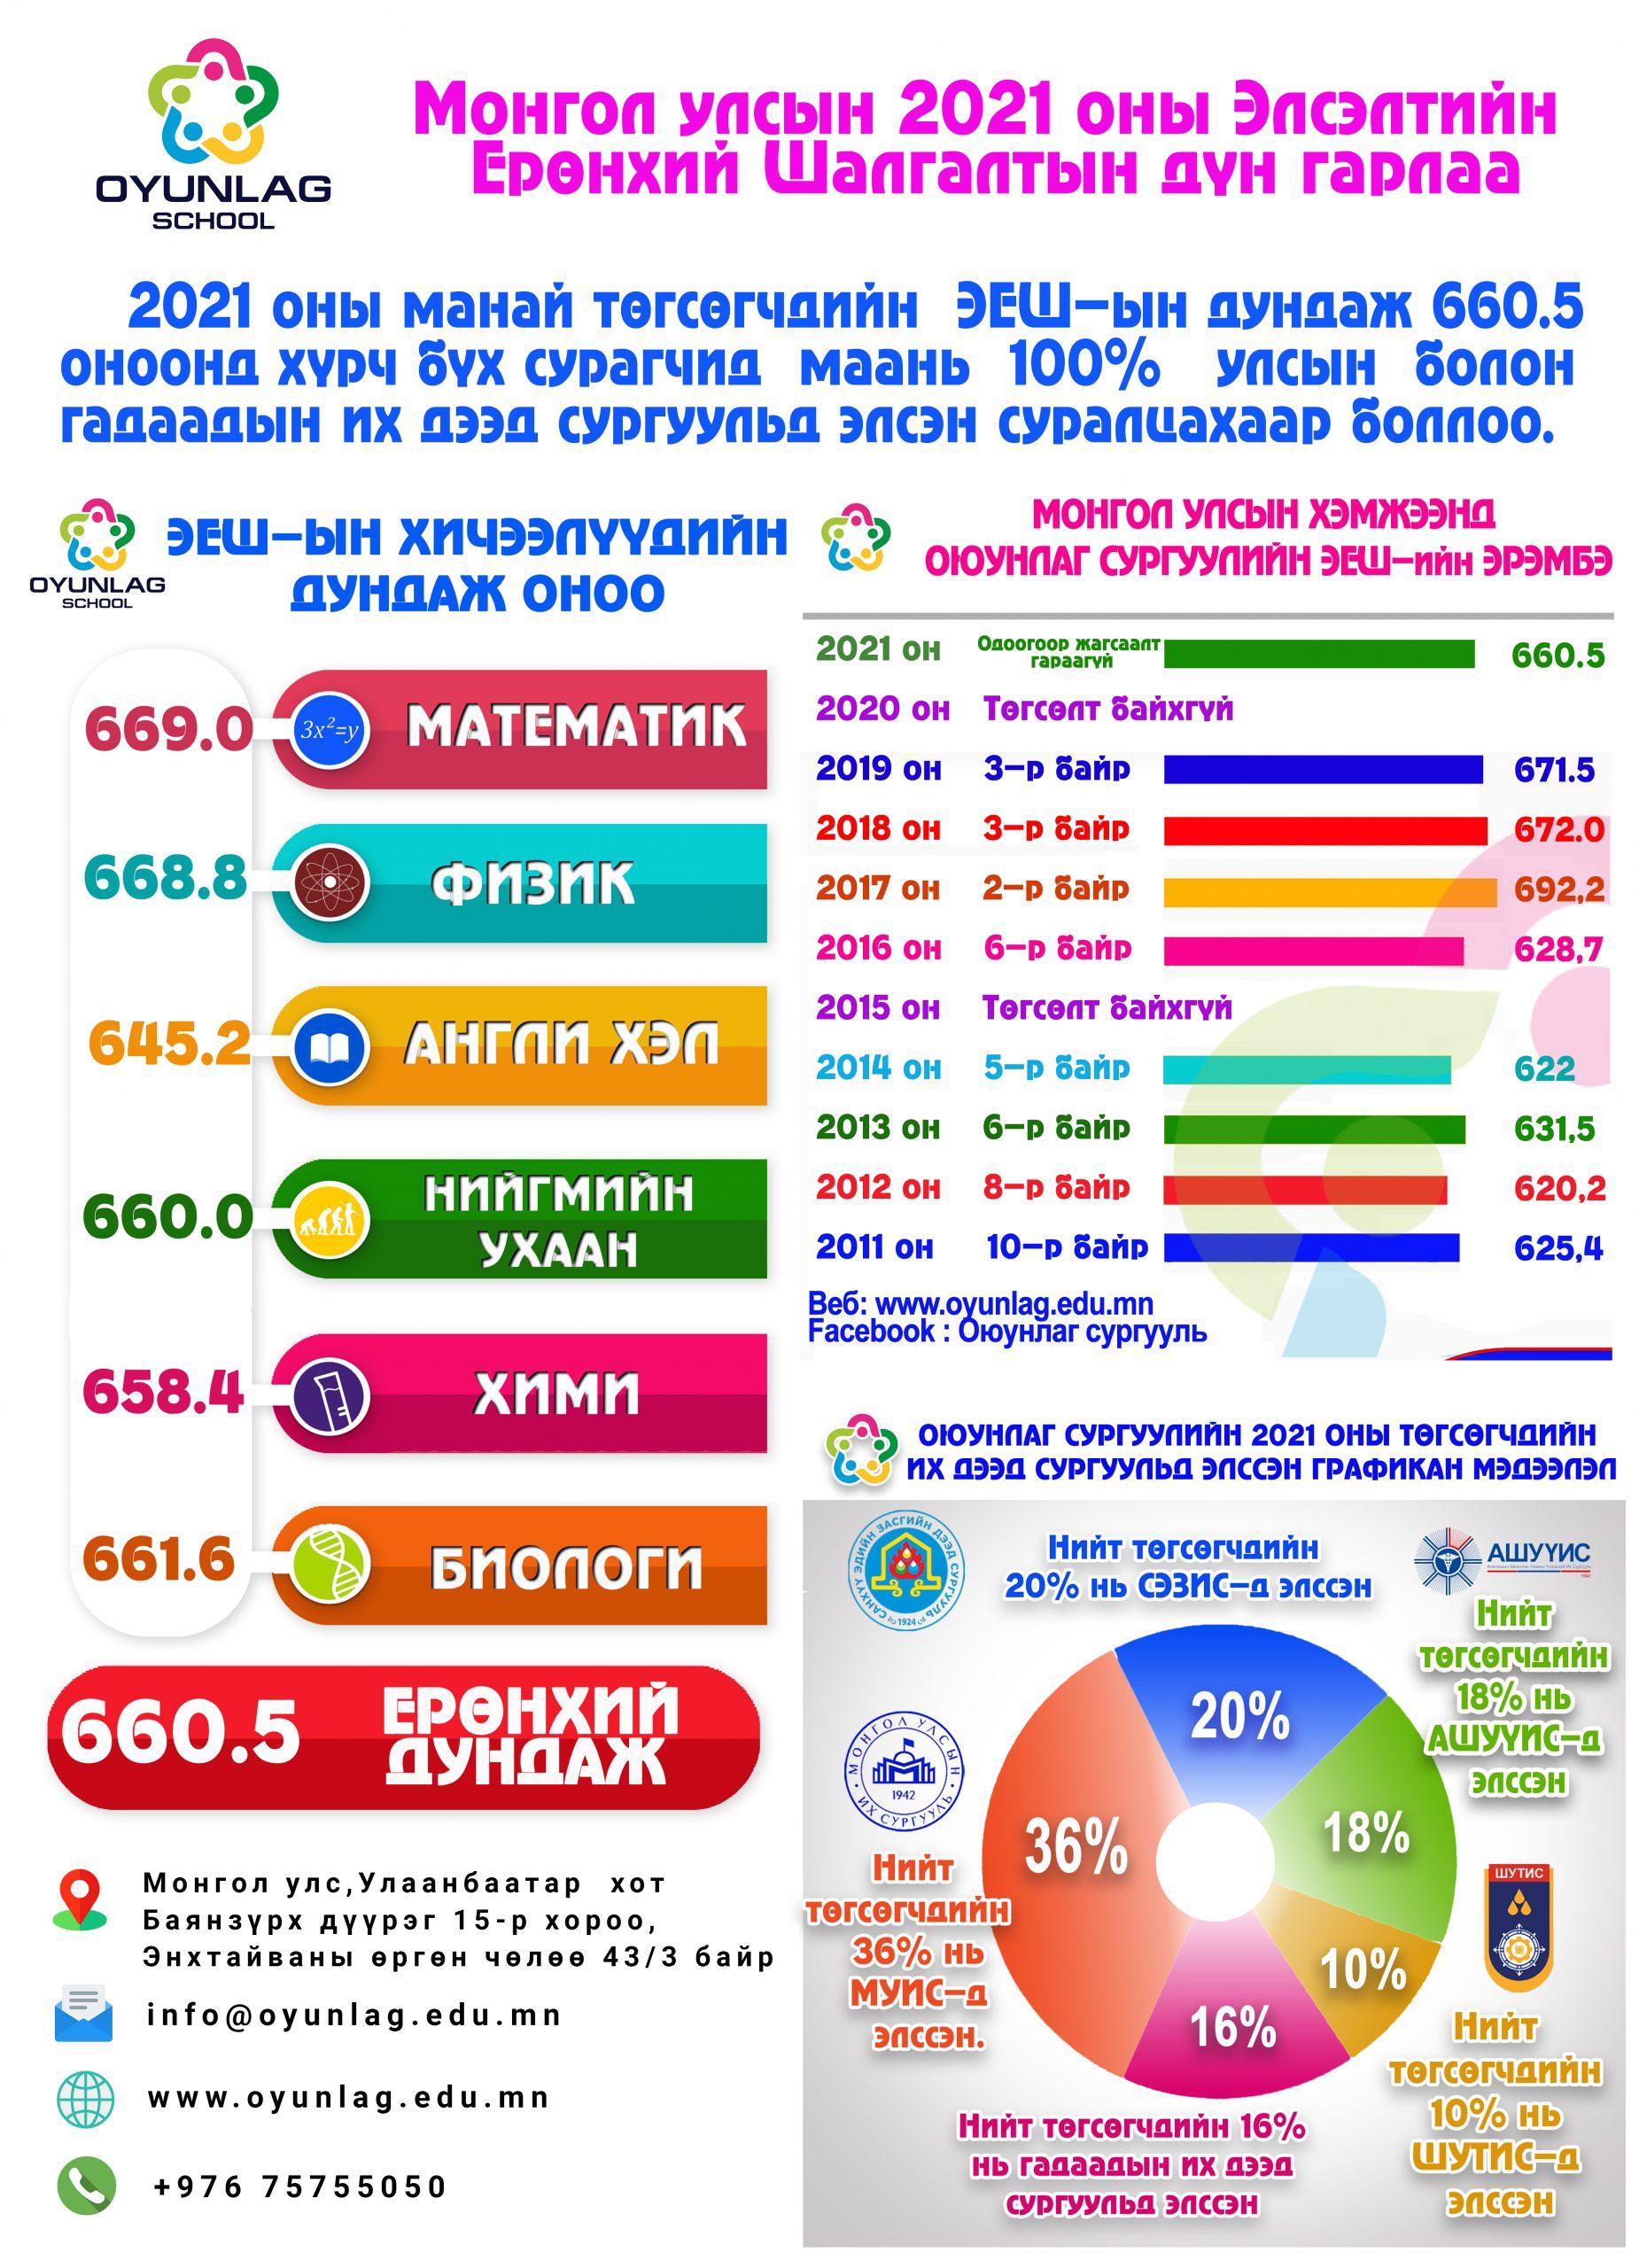 Монгол улсын 2021 оны 12-р ангийн төгсөгчдийн ЭЕШ-ын мэдээлэл